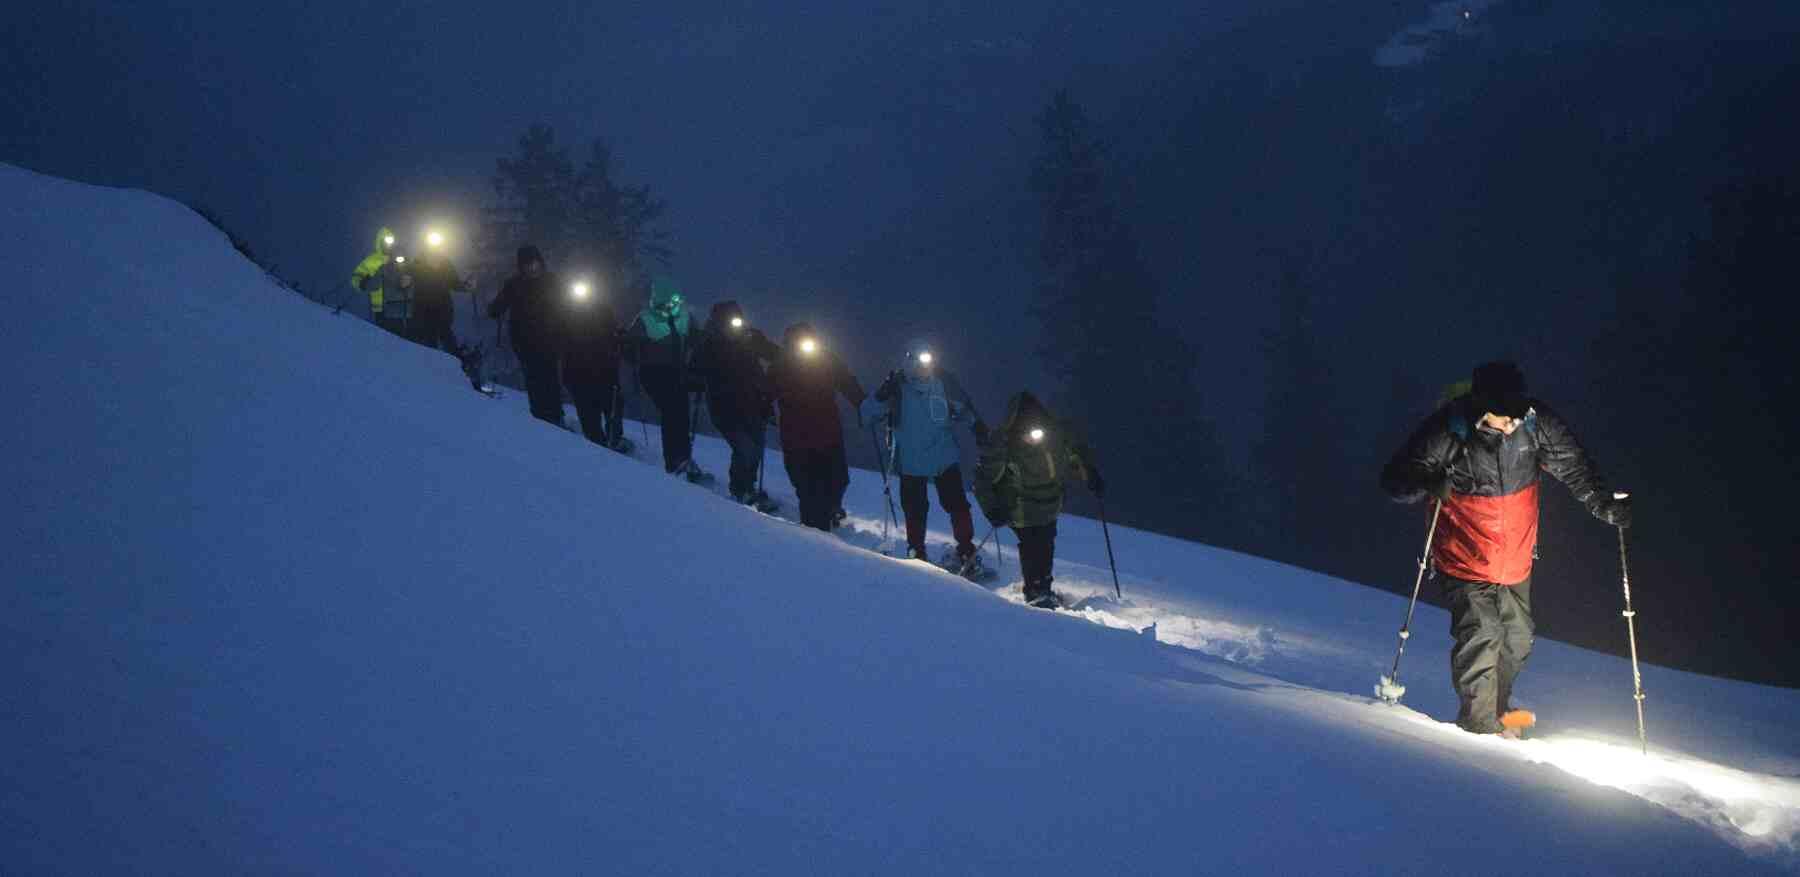 Schneeschuhtour bei Nacht